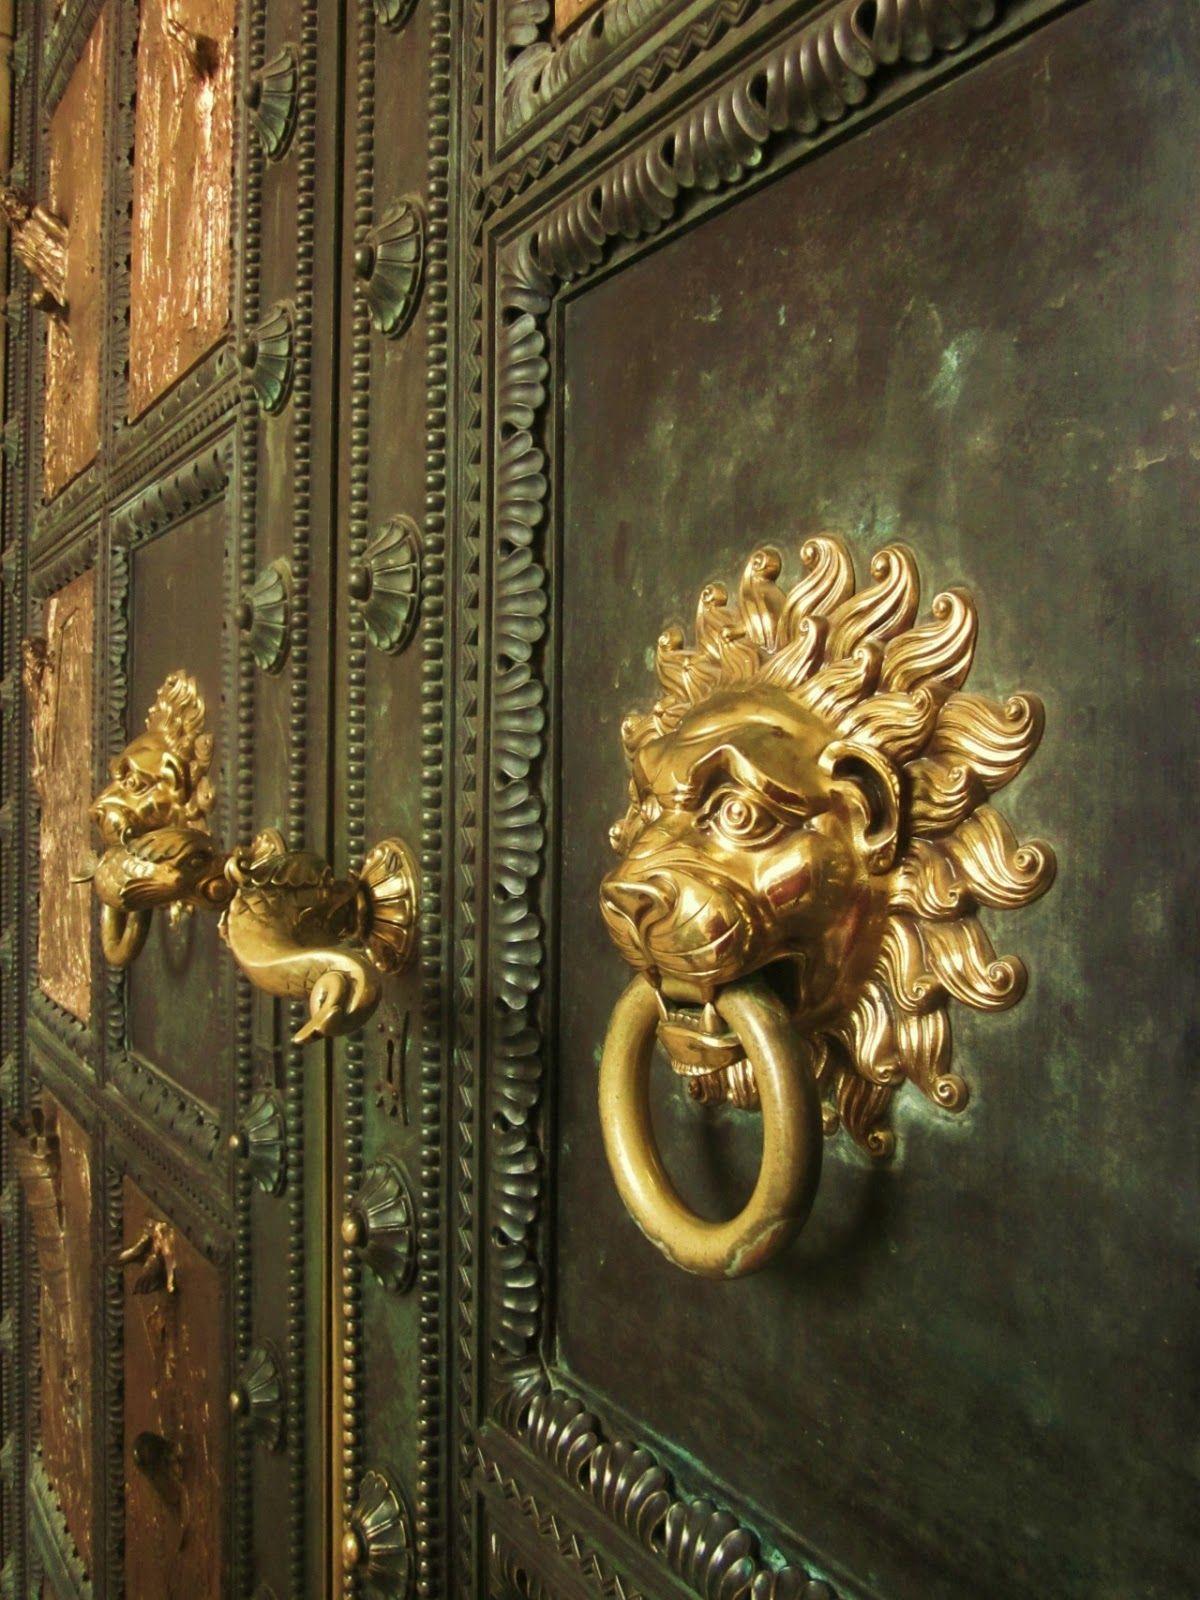 Antique brass front door knobs  Door knob and Lion door knockers  Doors and details  Pinterest